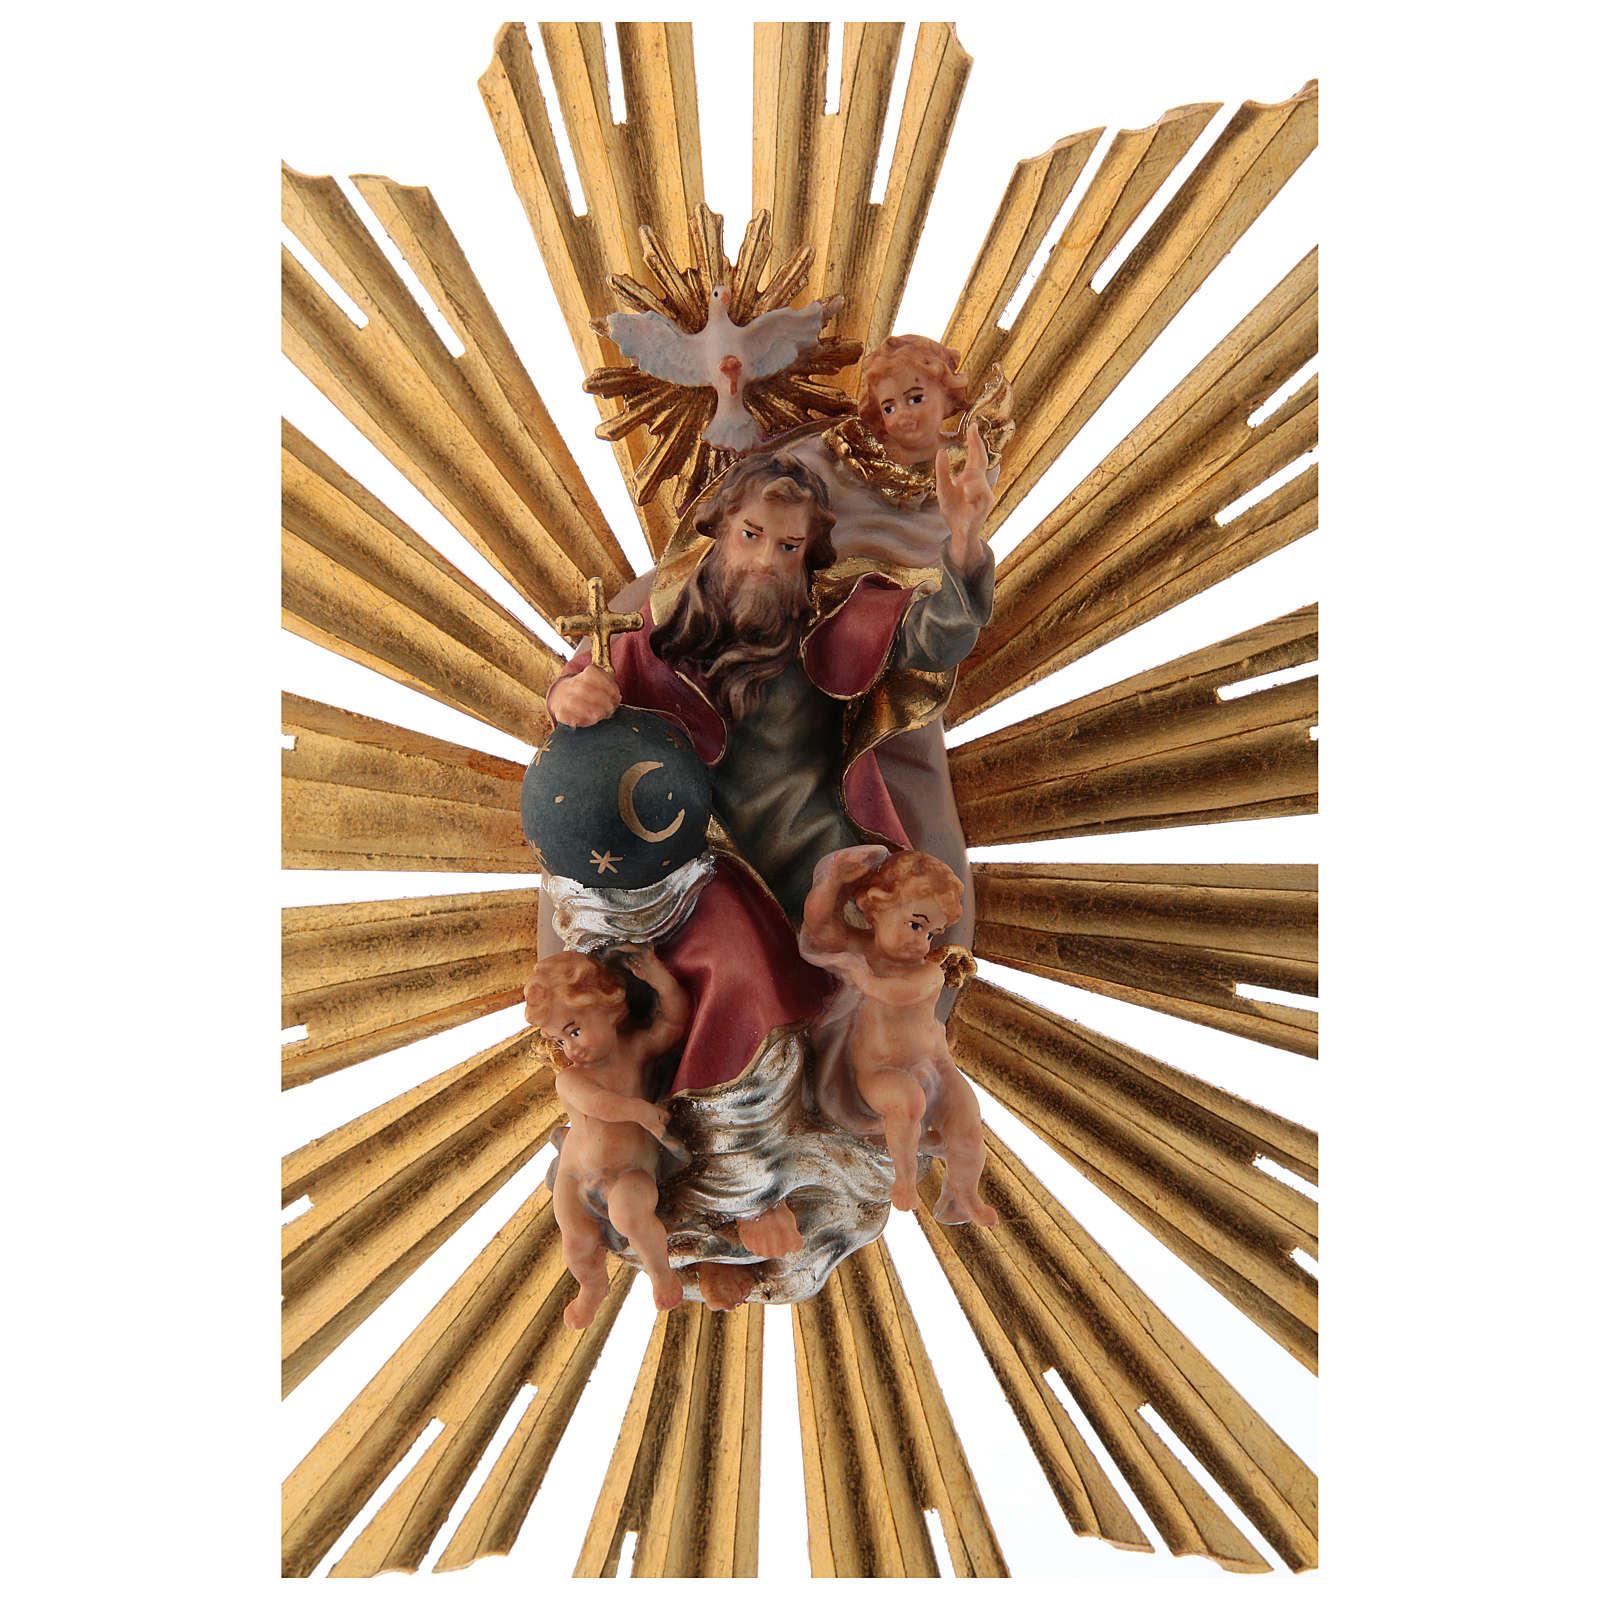 Imagen Dios Padre y Espíritu Santo en gloria con rayos belén Original madera pintada en Val Gardena 12 cm de altura media 4